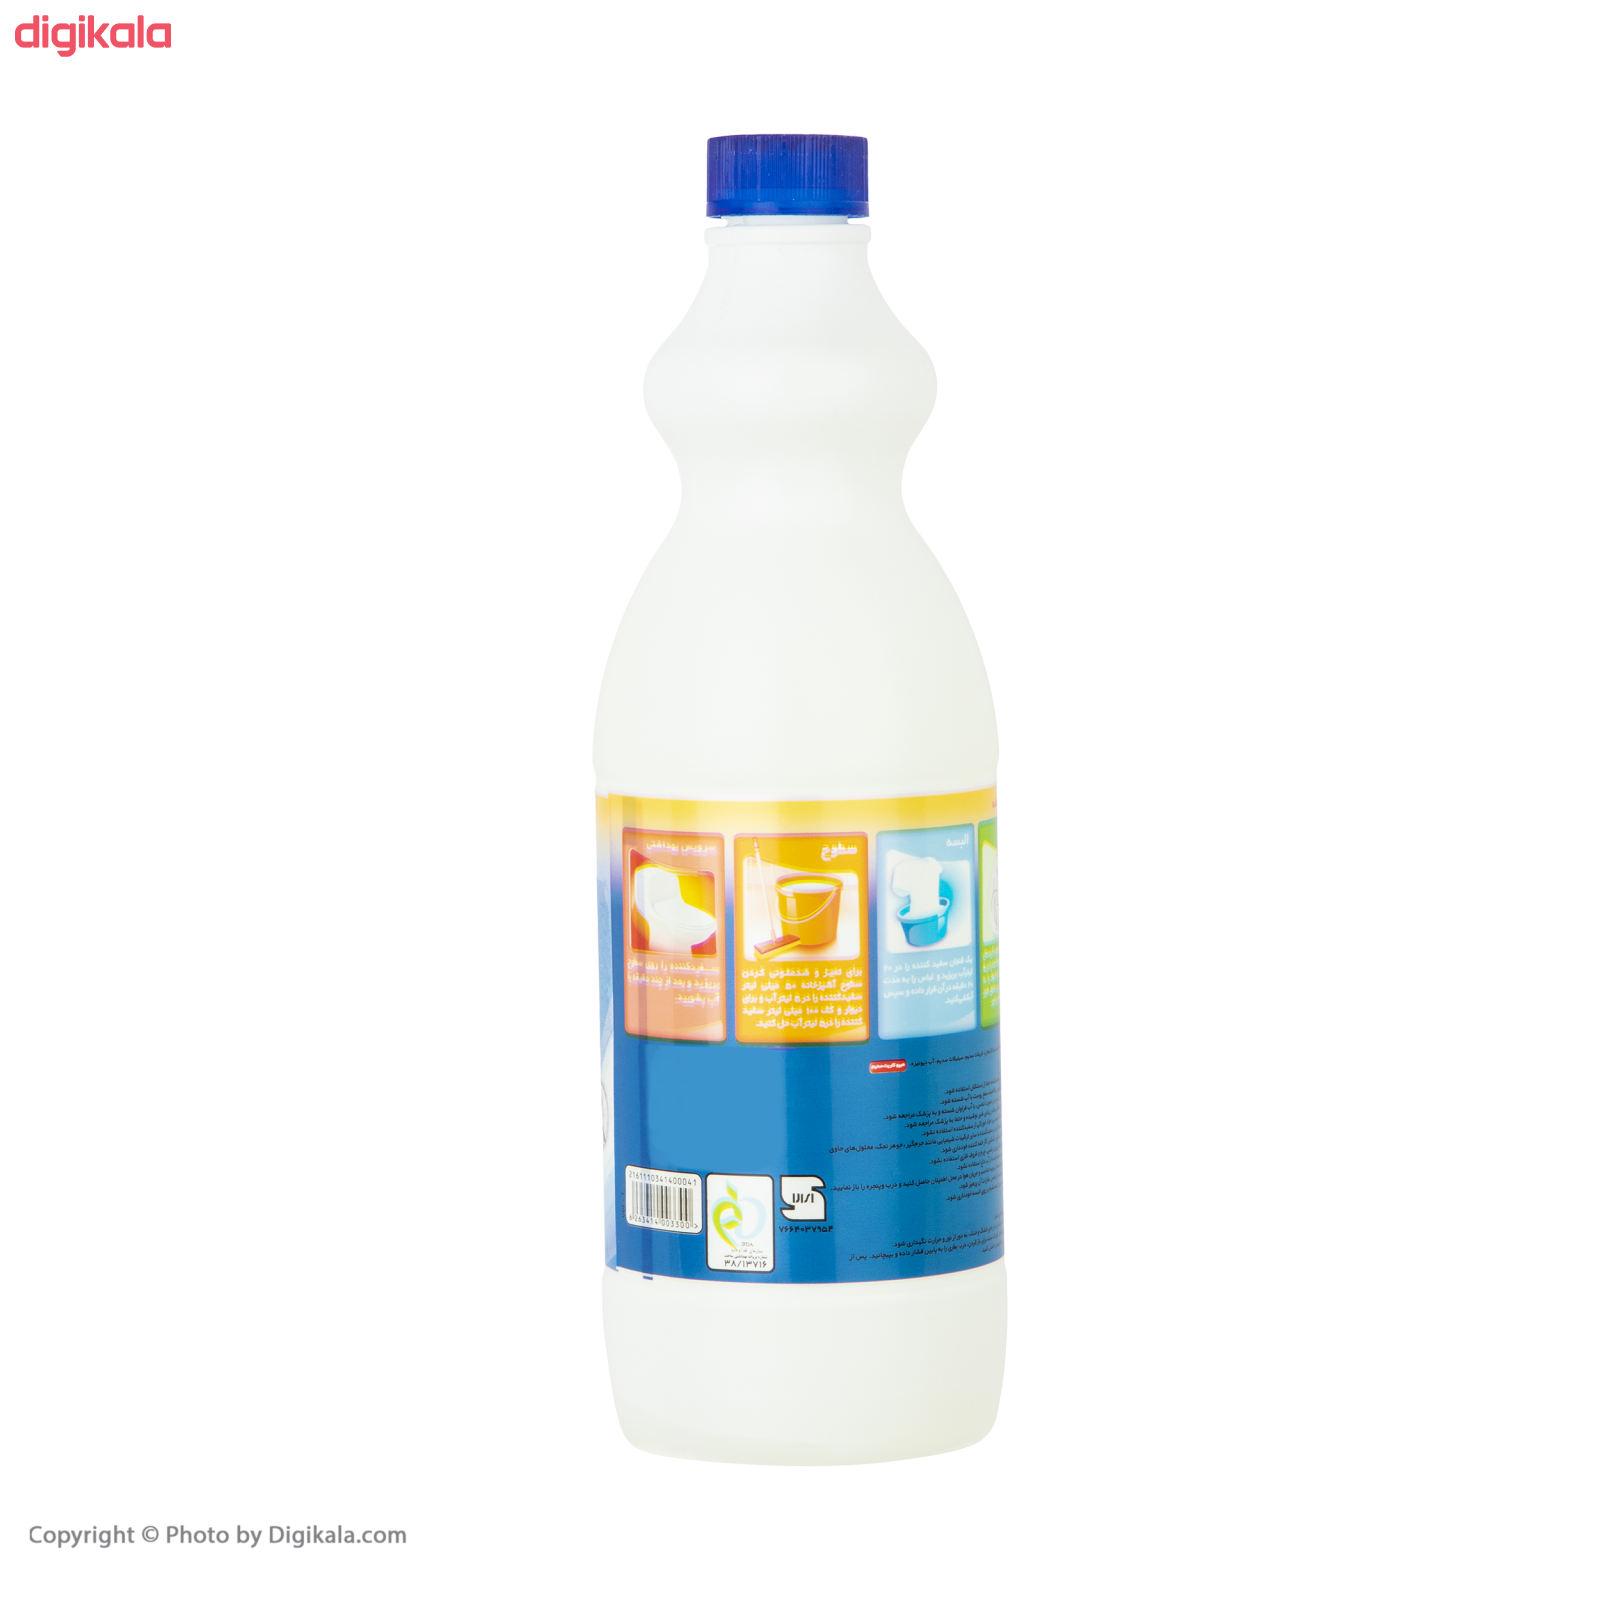 مایع سفید کننده تاژ مقدار 1050 گرم main 1 2